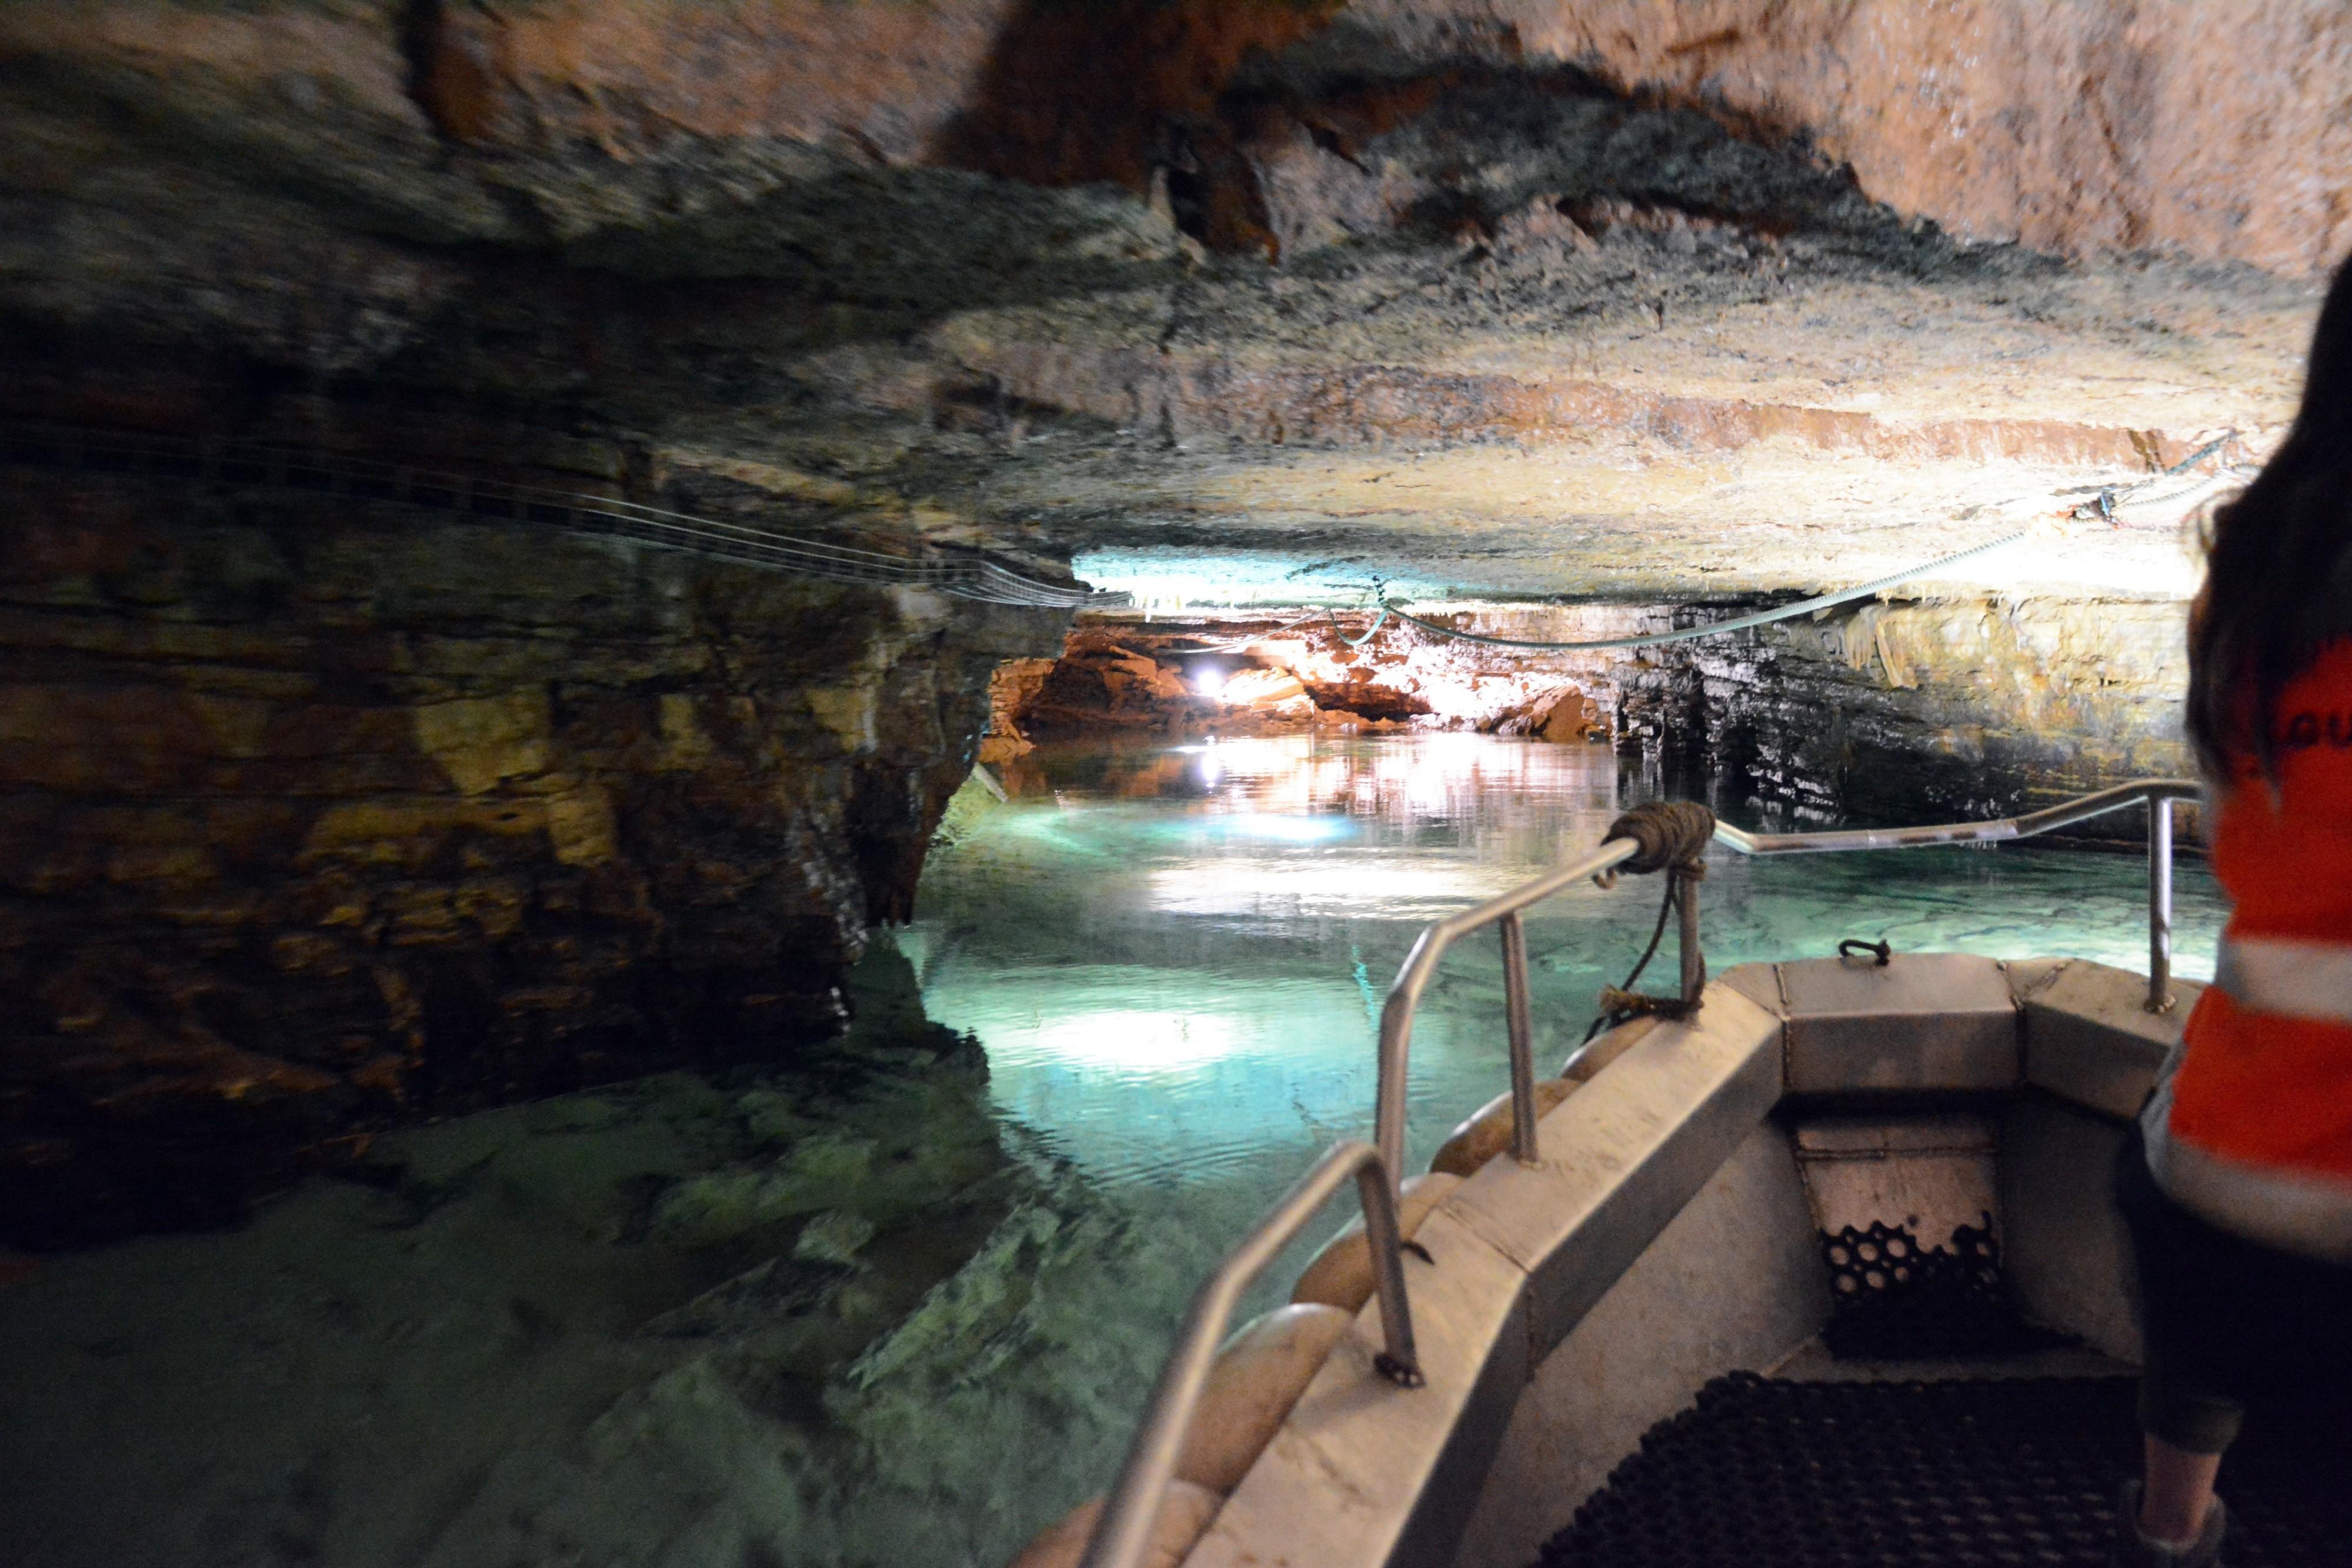 Un superbe amphithéâtre rocheux et une rivière souterraine à explorer… Alors, à bientôt !